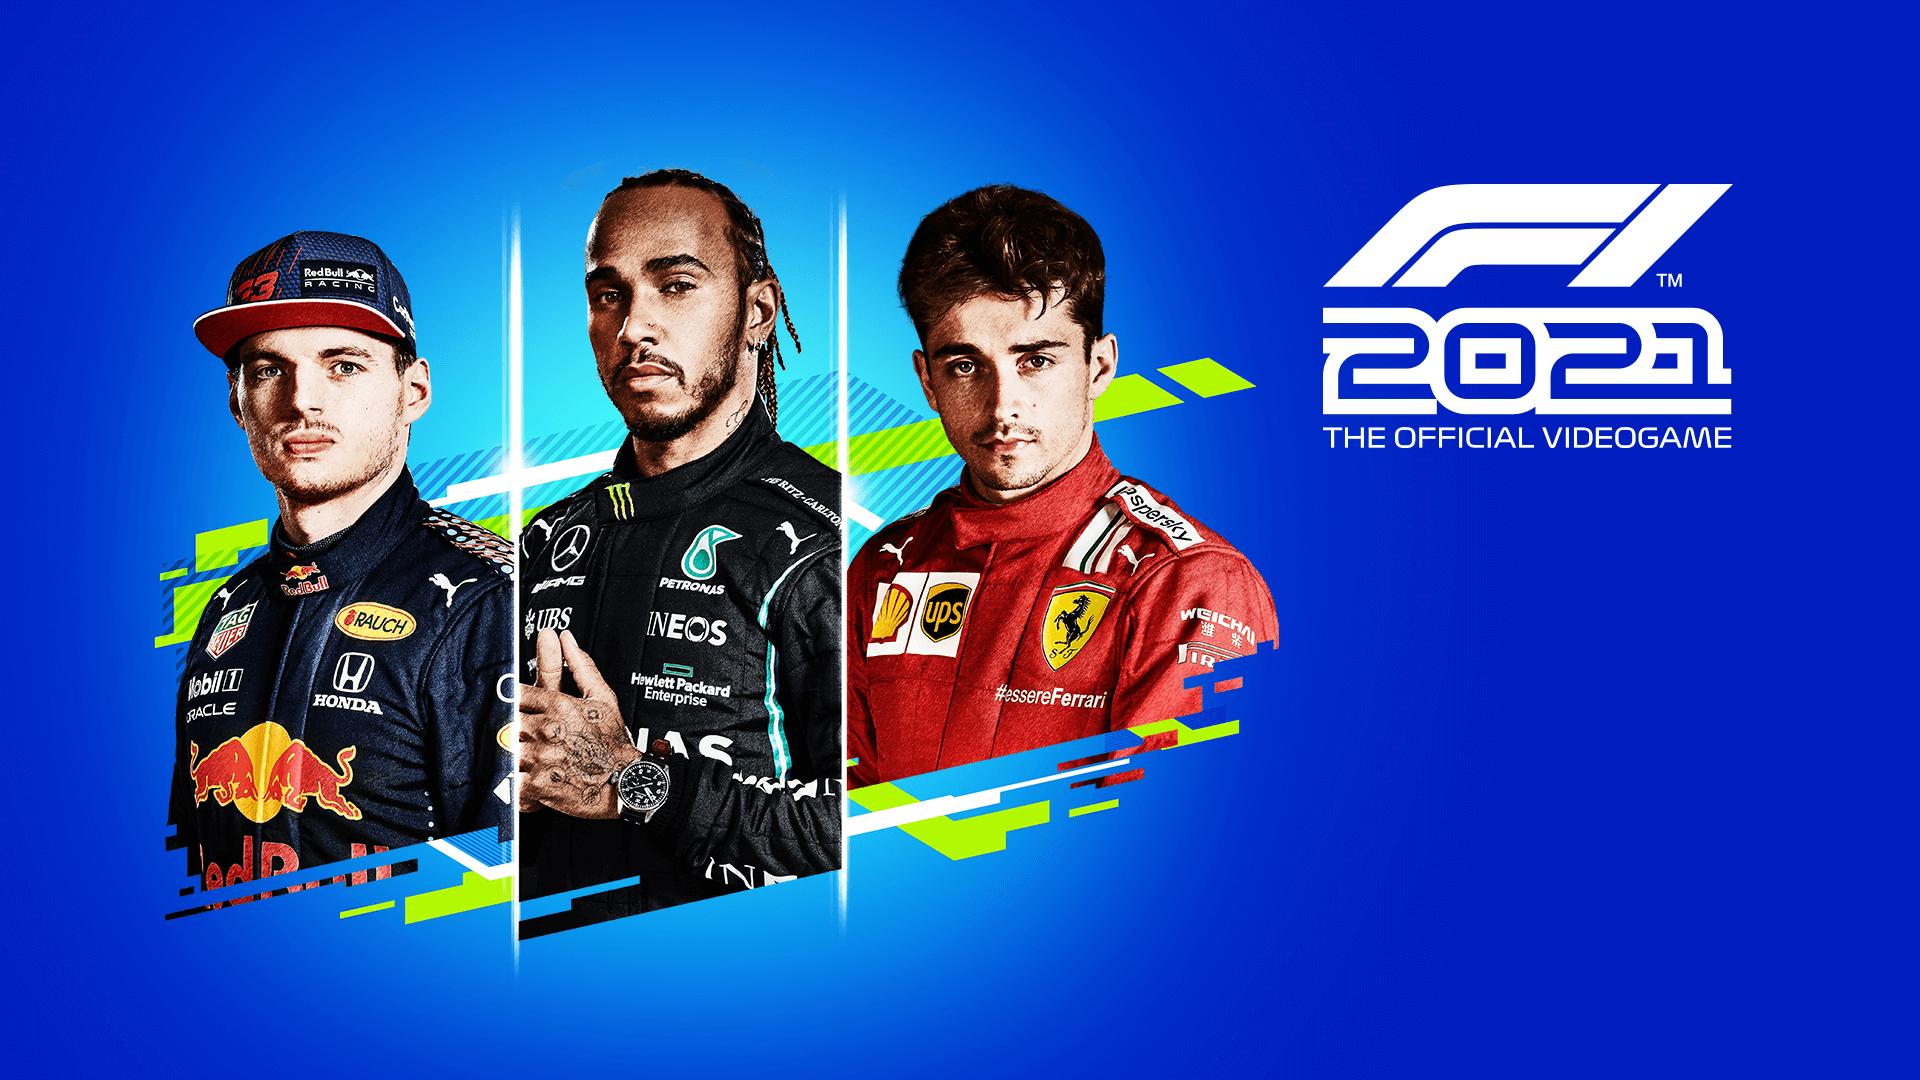 Hamilton, Verstappen y Leclerc estarán en la portada de F1 2021